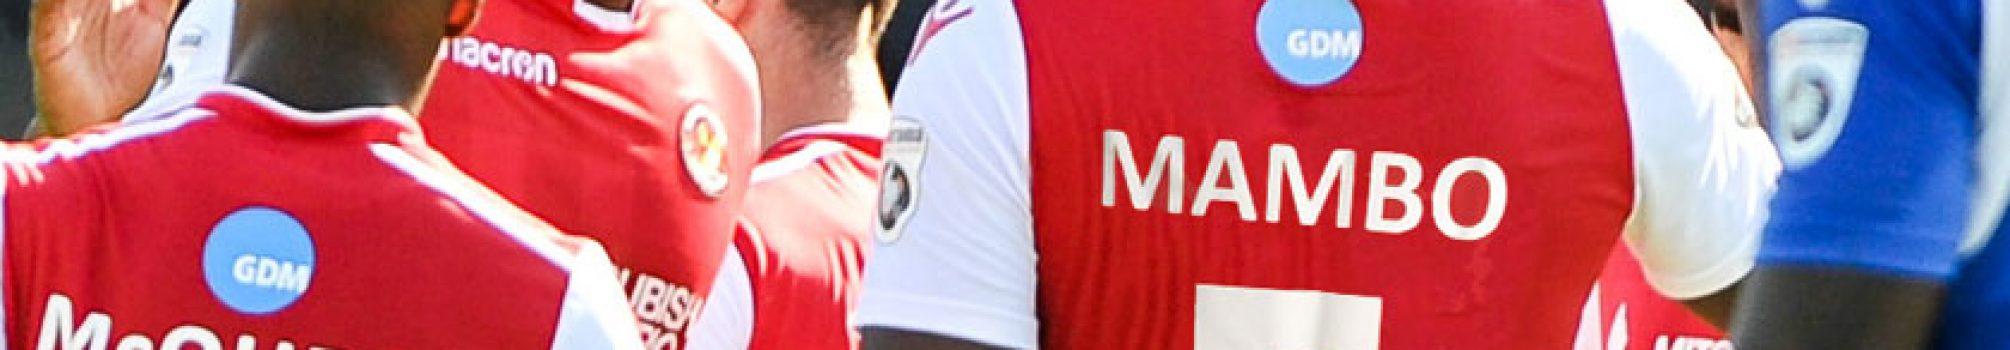 mambo5-shirt